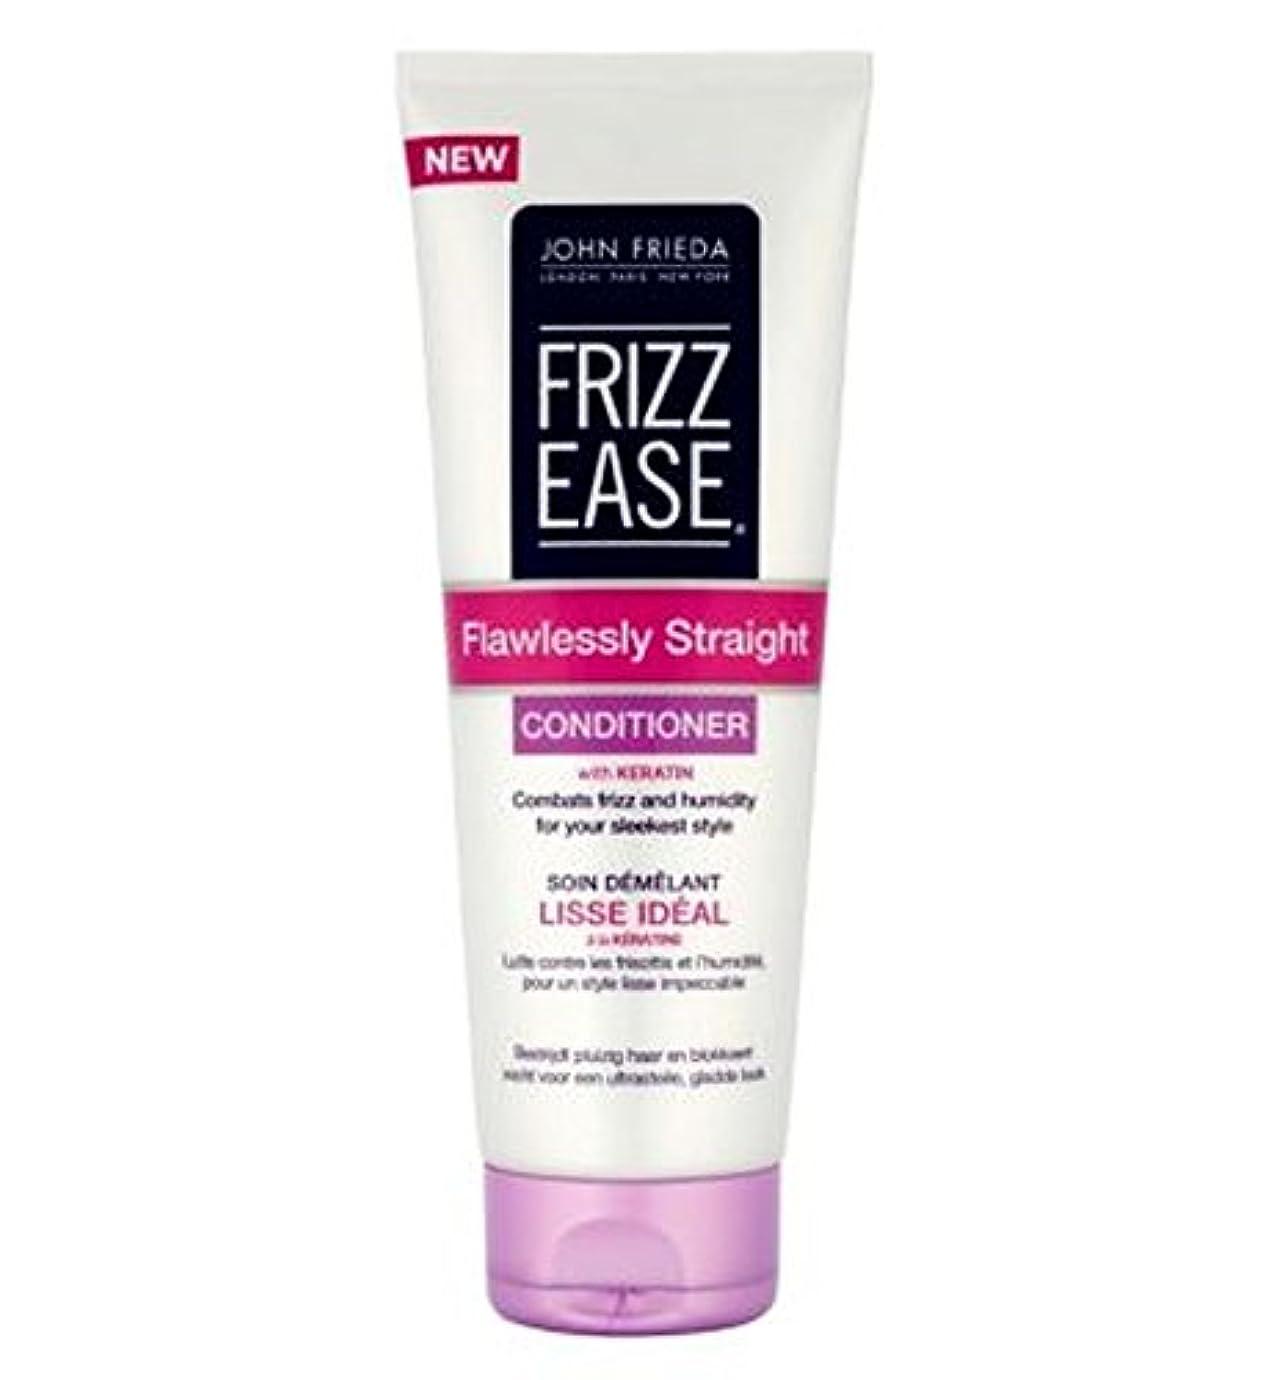 ゲームばか制約John Frieda Frizz-Ease Flawlessly Straight Conditioner 250ml - ジョン?フリーダ縮れ-容易完璧ストレートコンディショナー250Ml (John Frieda)...